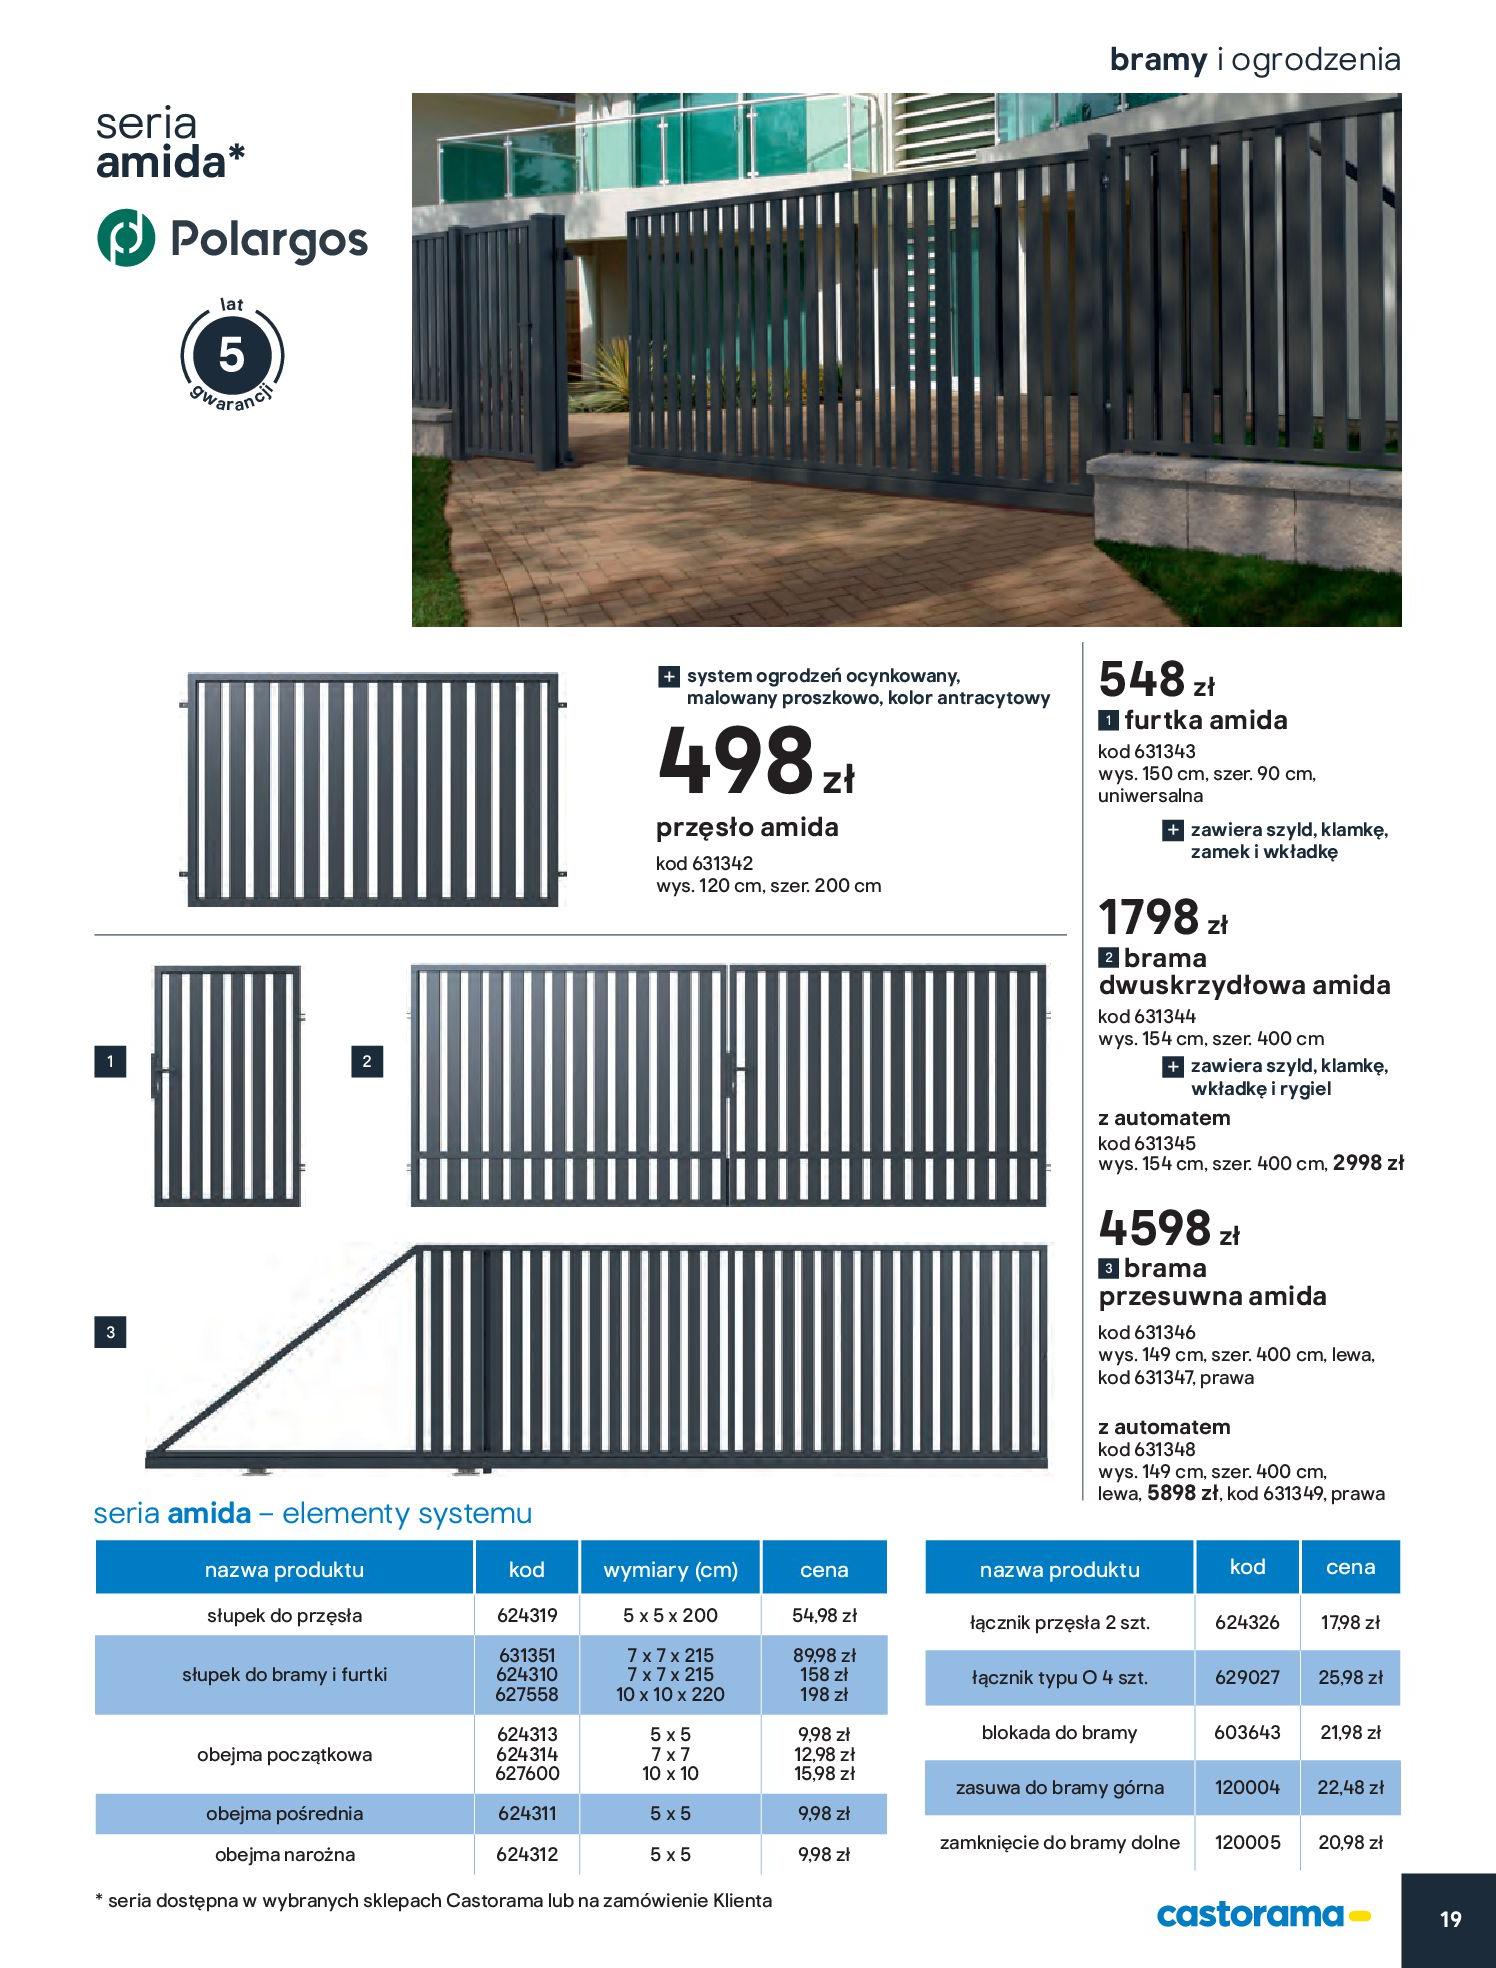 Gazetka Castorama - Przewodnik bramy i ogrodzenia-12.02.2020-30.06.2020-page-19